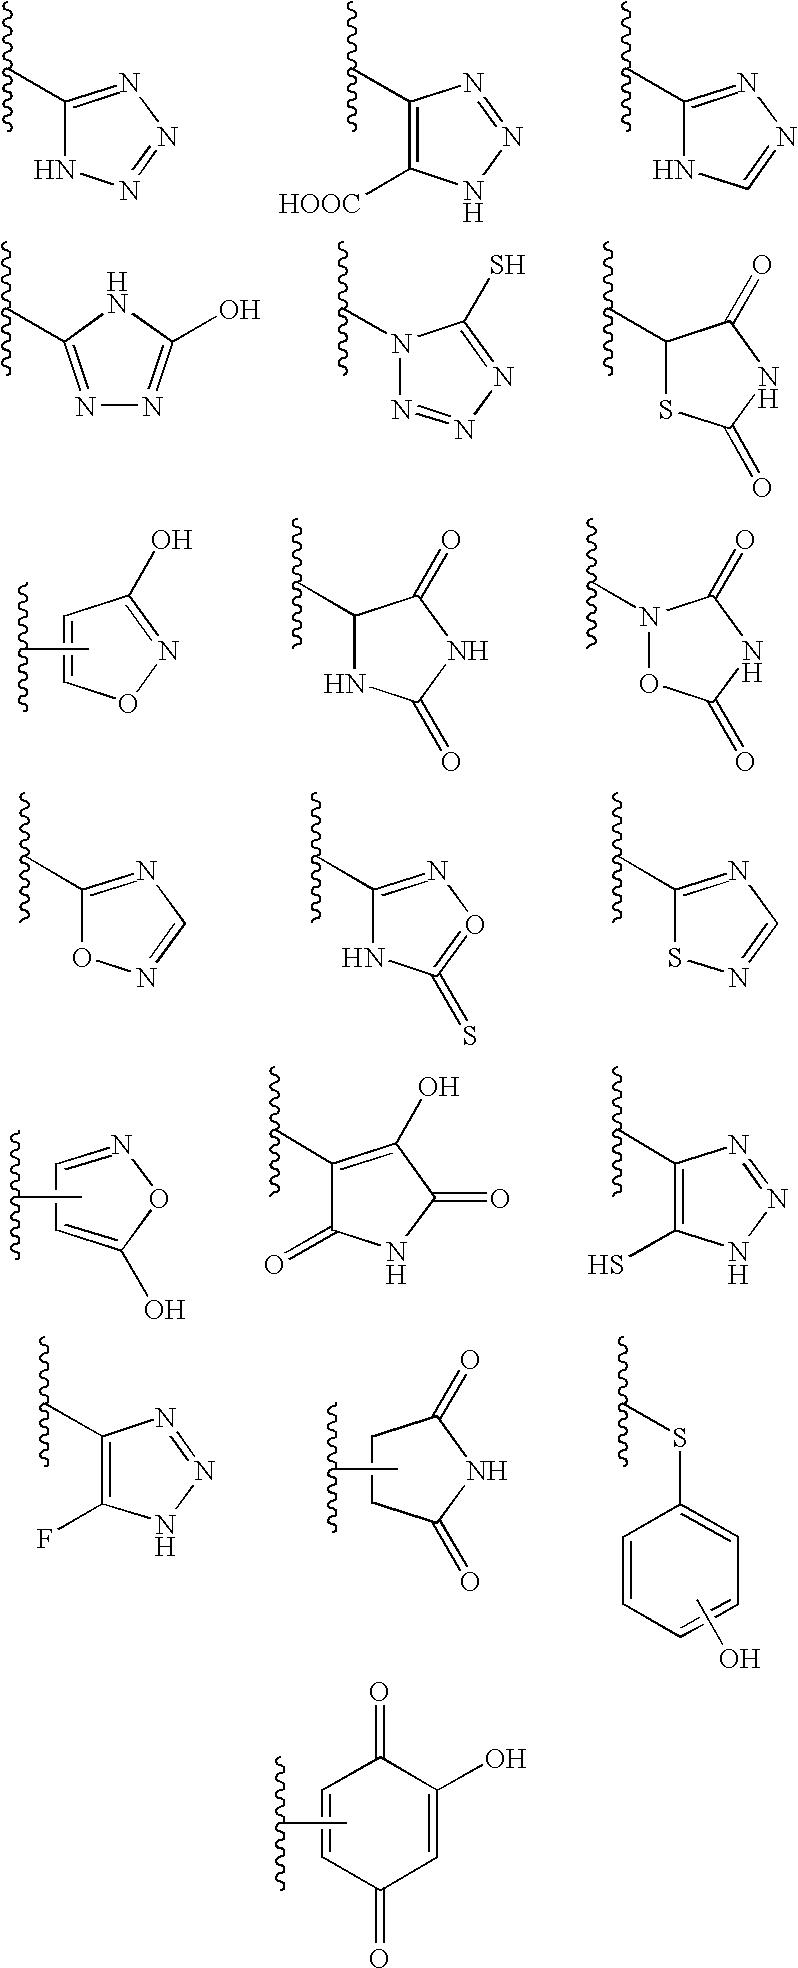 Figure US07253169-20070807-C00006